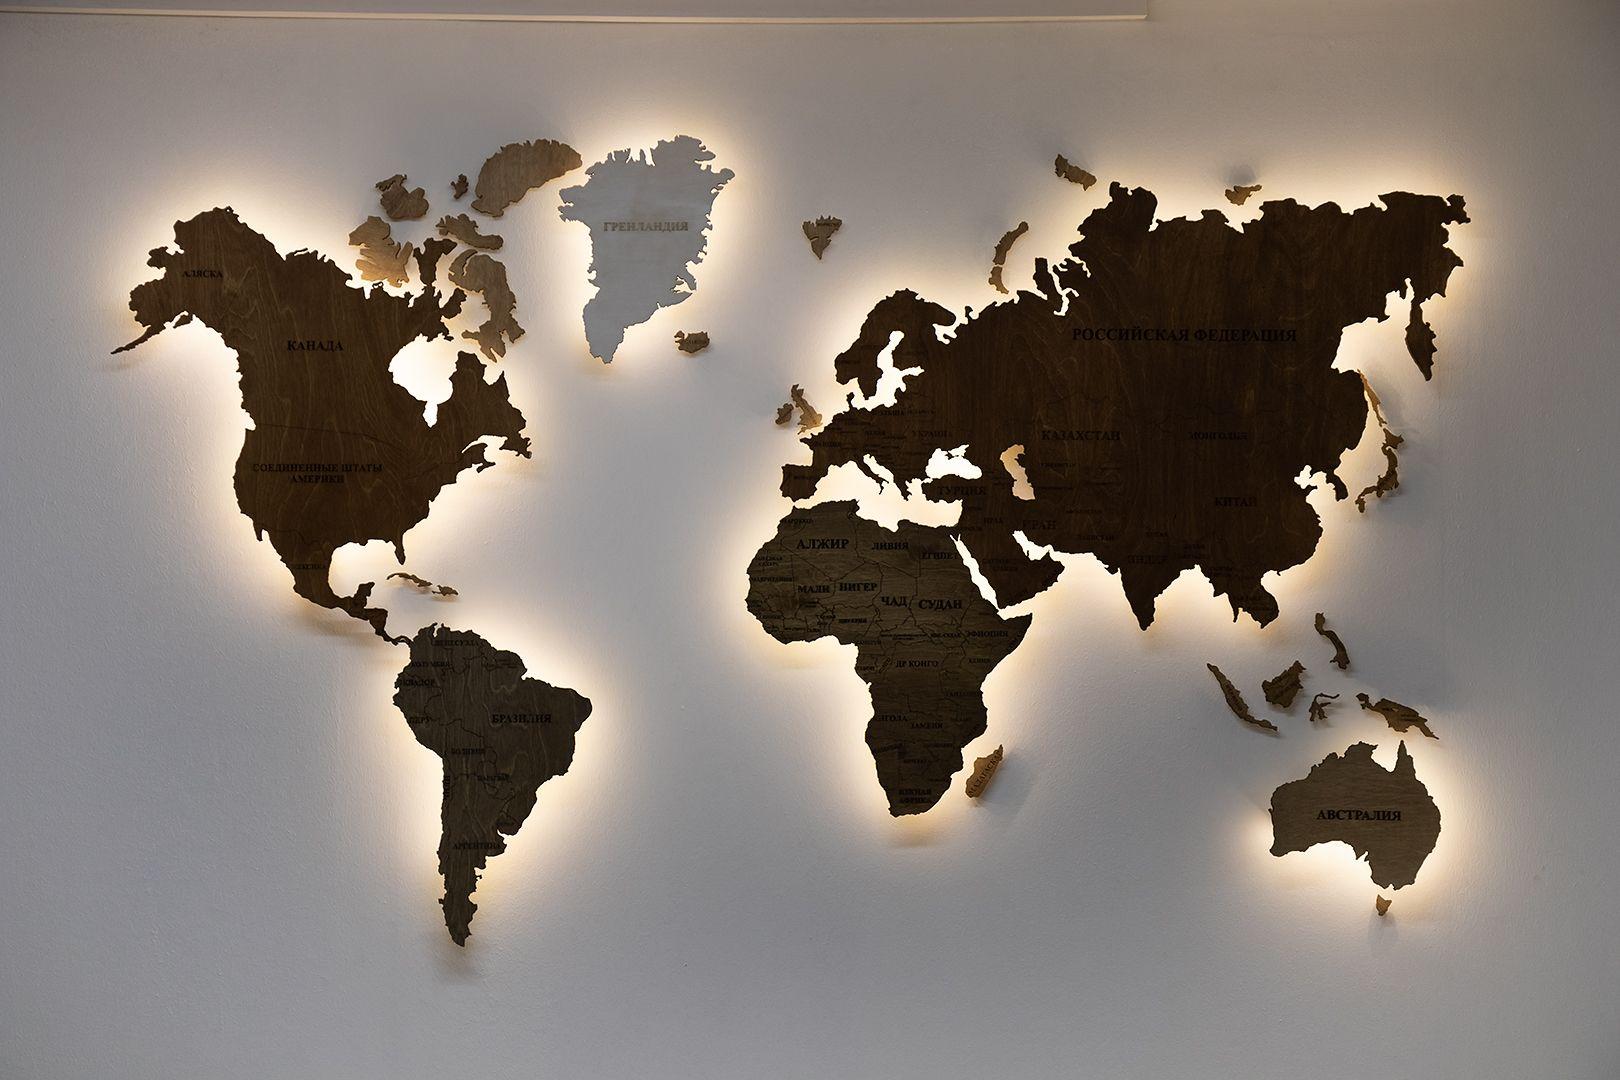 Пробковая карта | Карта мира на стене, Настенные карты ...